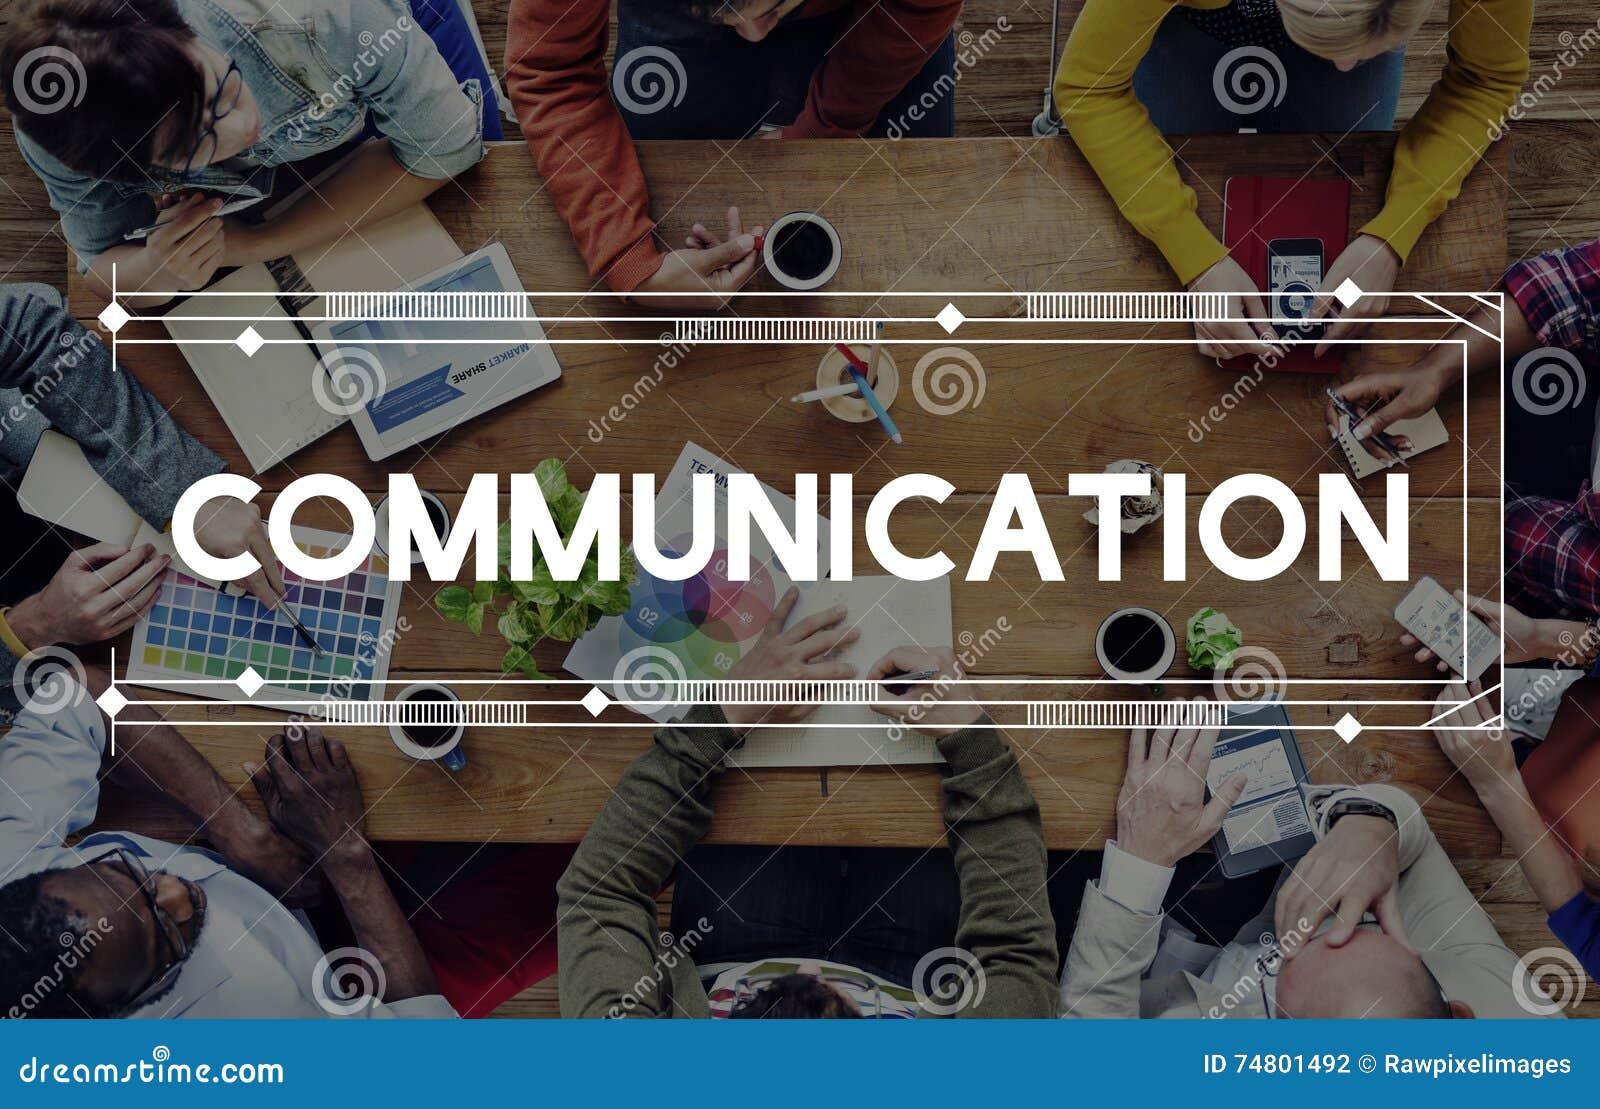 Сообщение связывает концепция переговора обсуждения